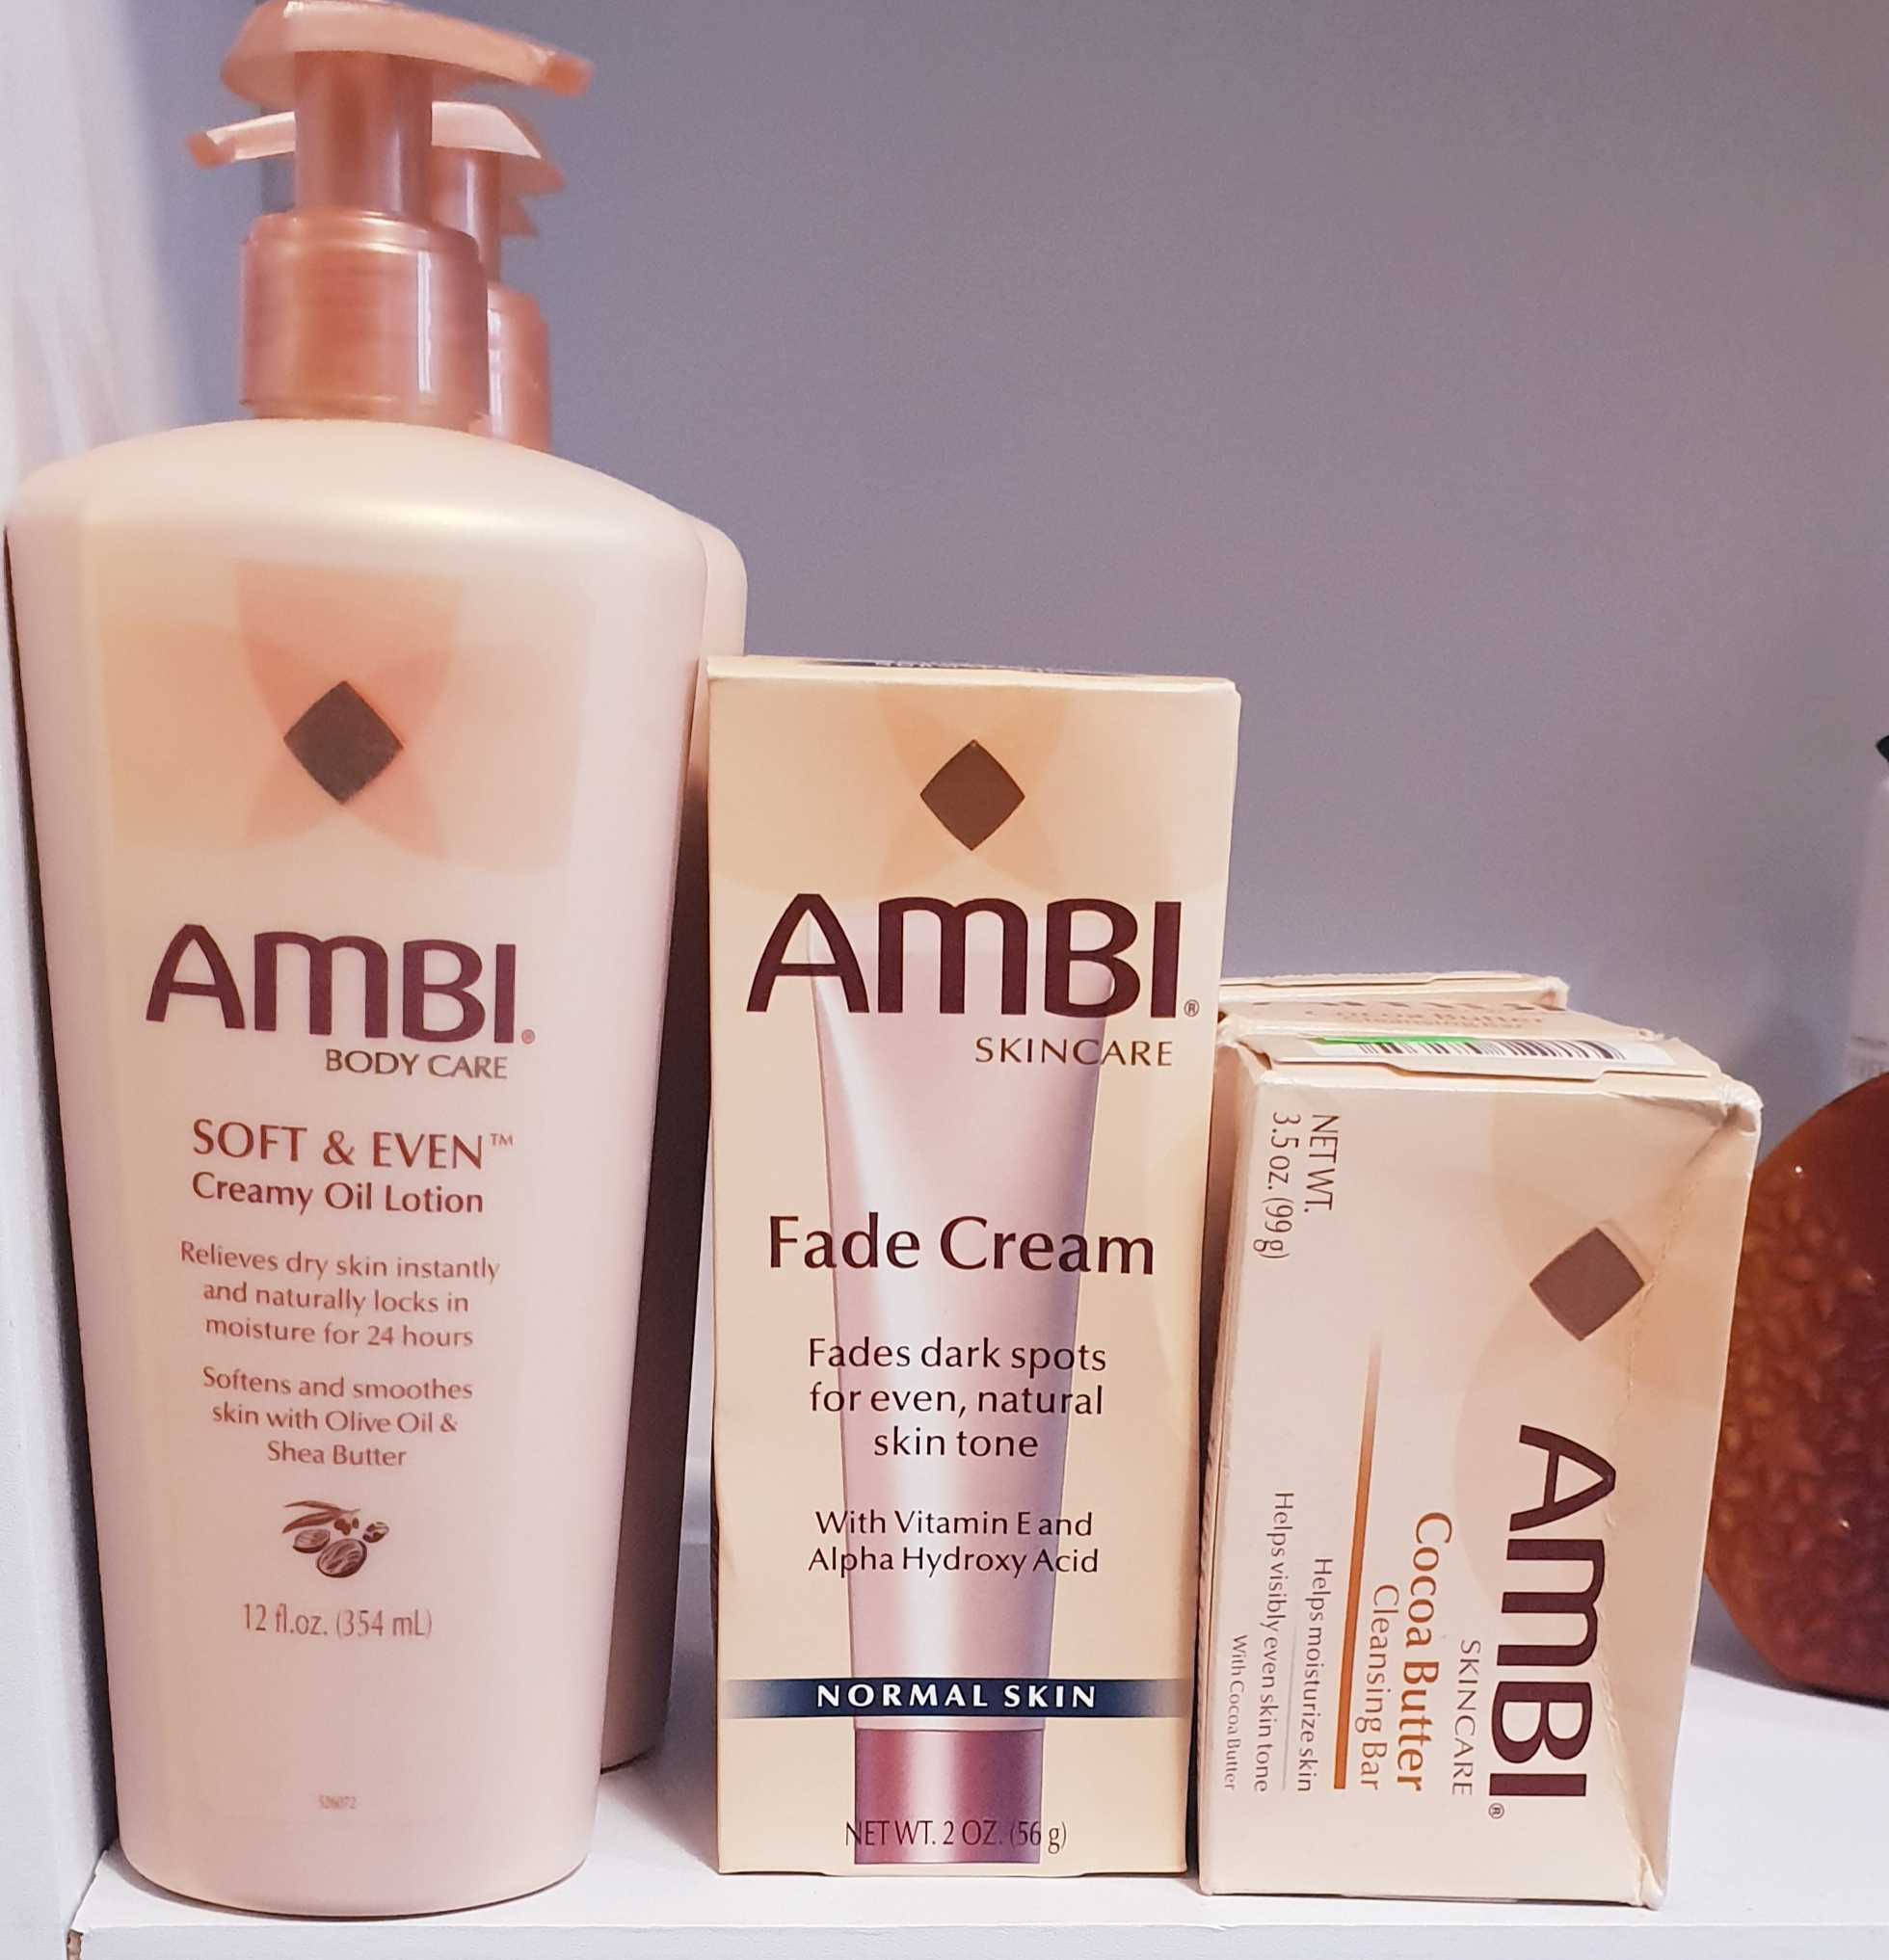 Ambi Body Lotion, Fade Cream, Soap